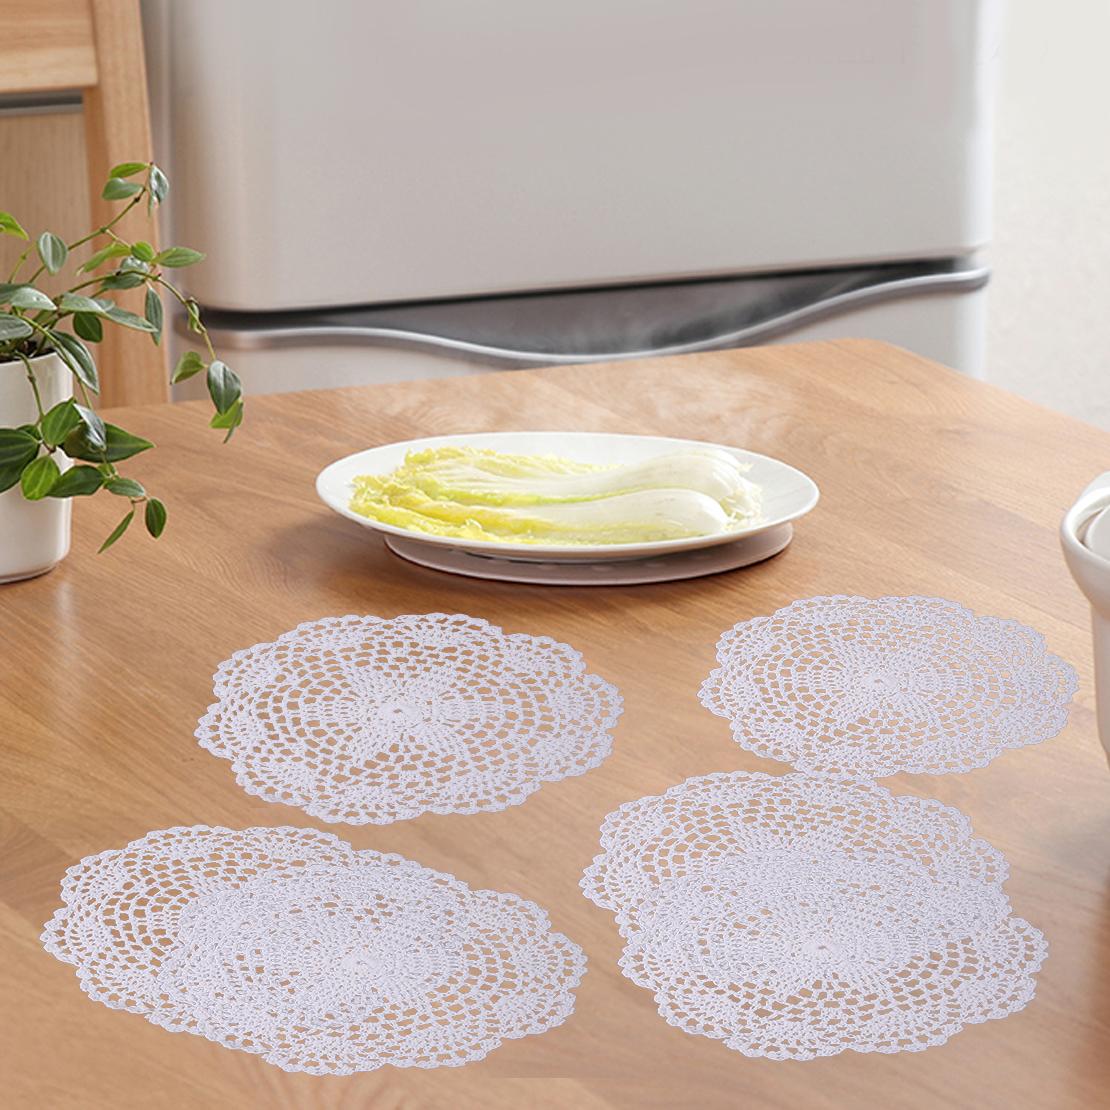 12er Häkeldeckchen Spitzendeckchen Deckchen Tischdecke Nur Beige können 20 cm